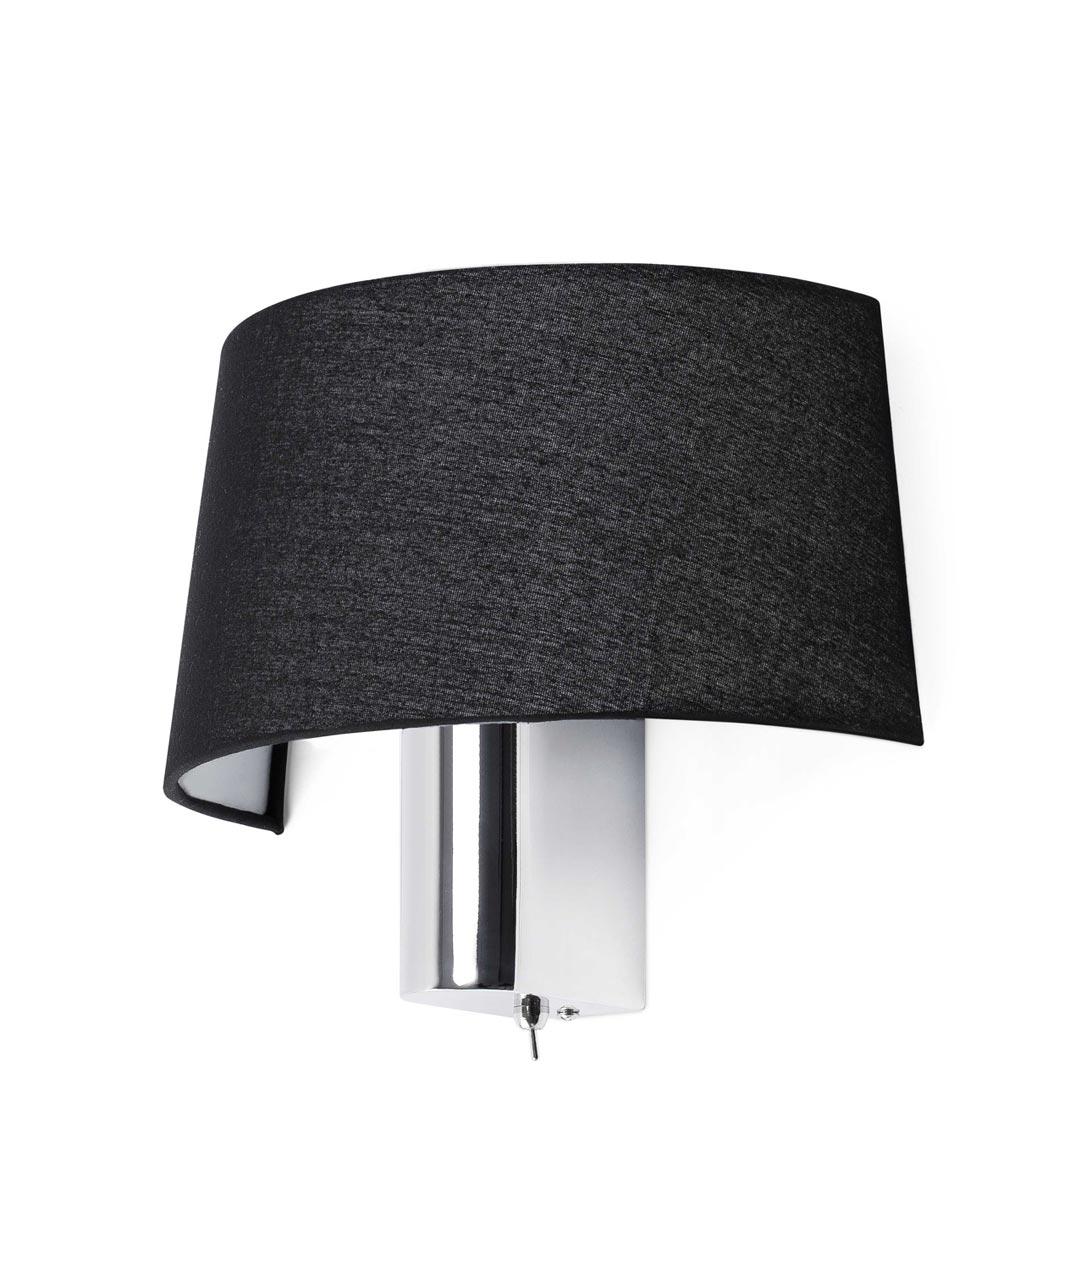 Lámpara aplique negra HOTEL